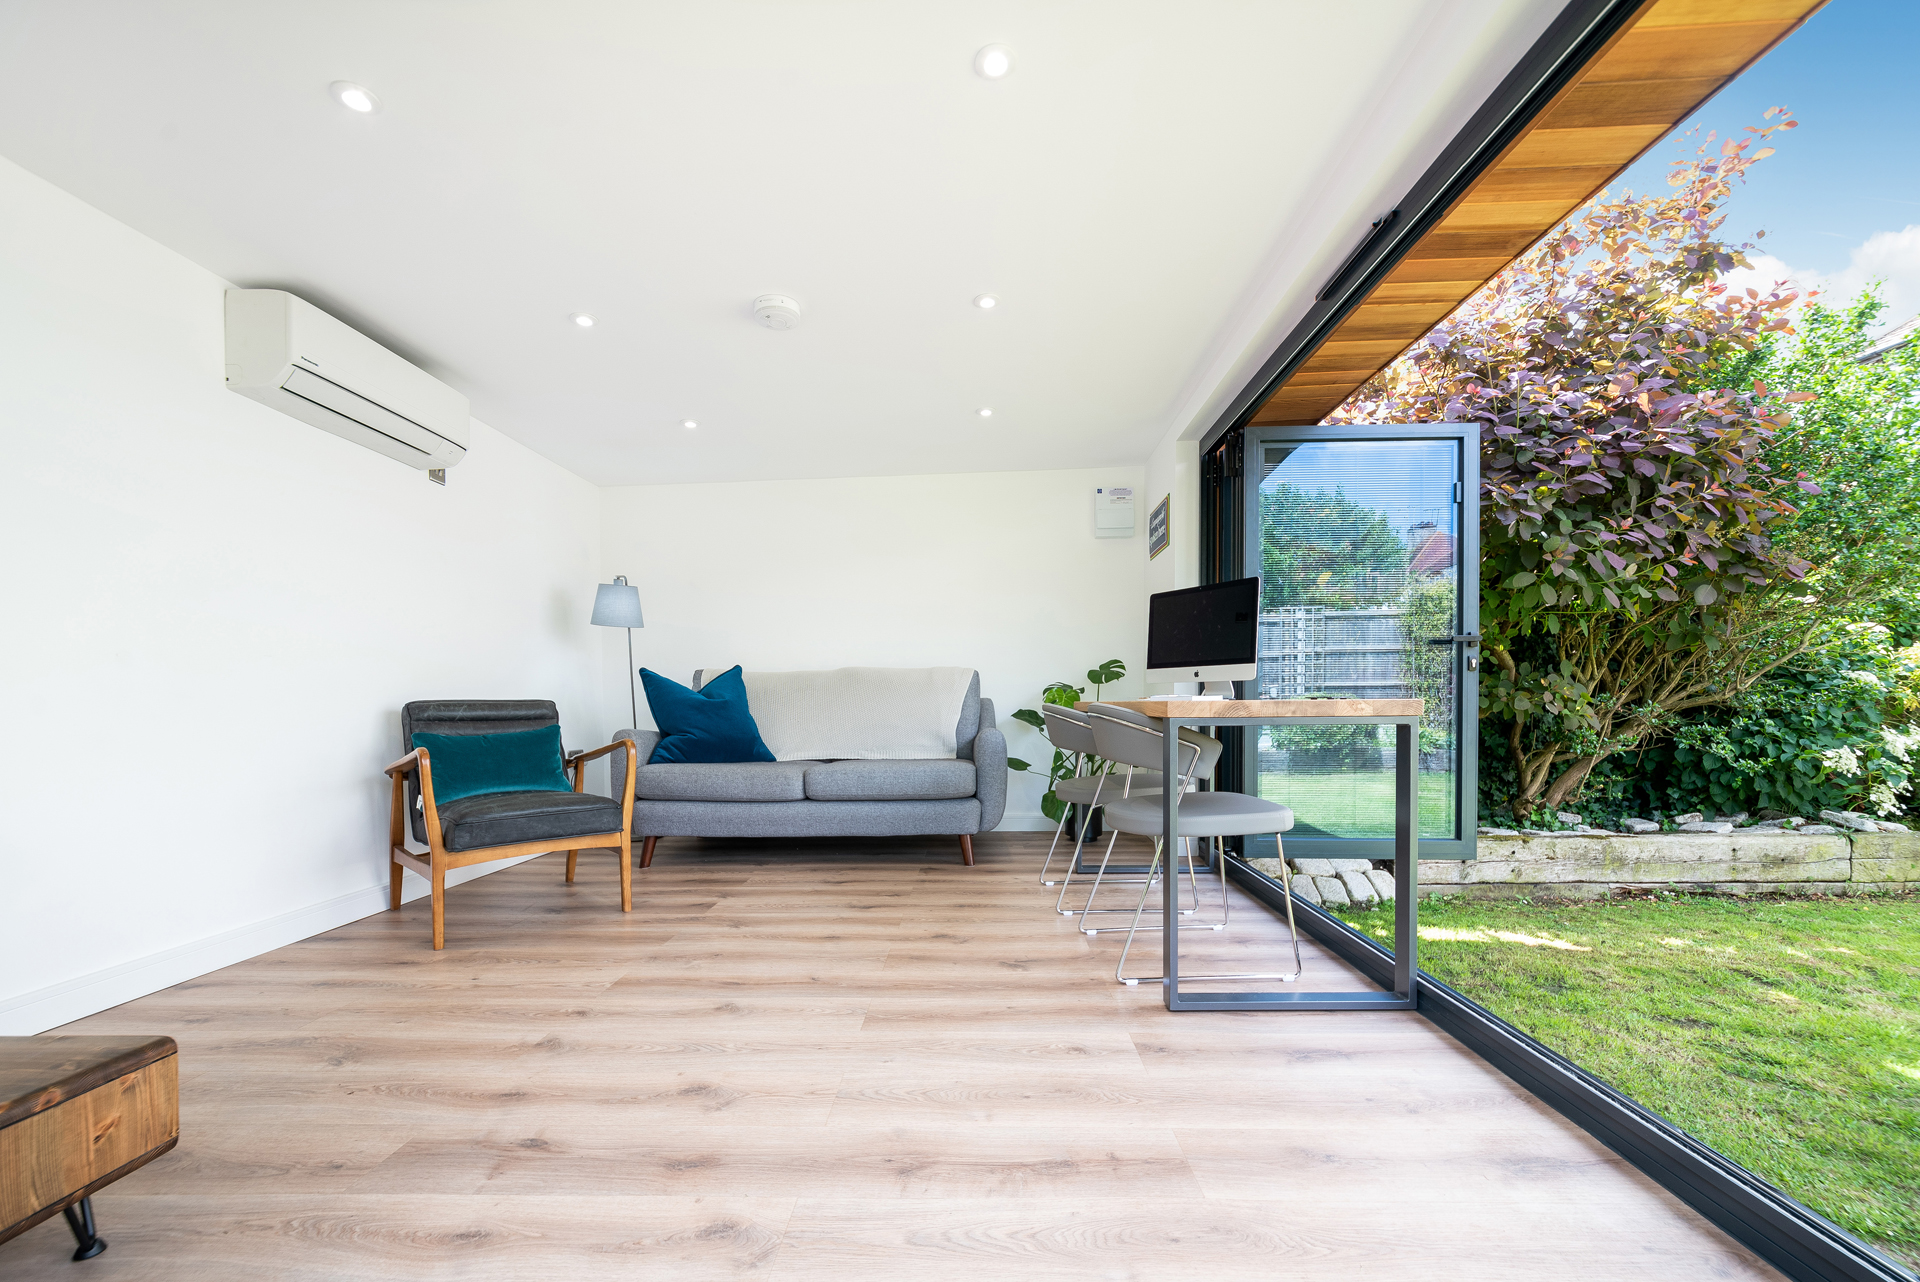 prestige garden office space in Essex